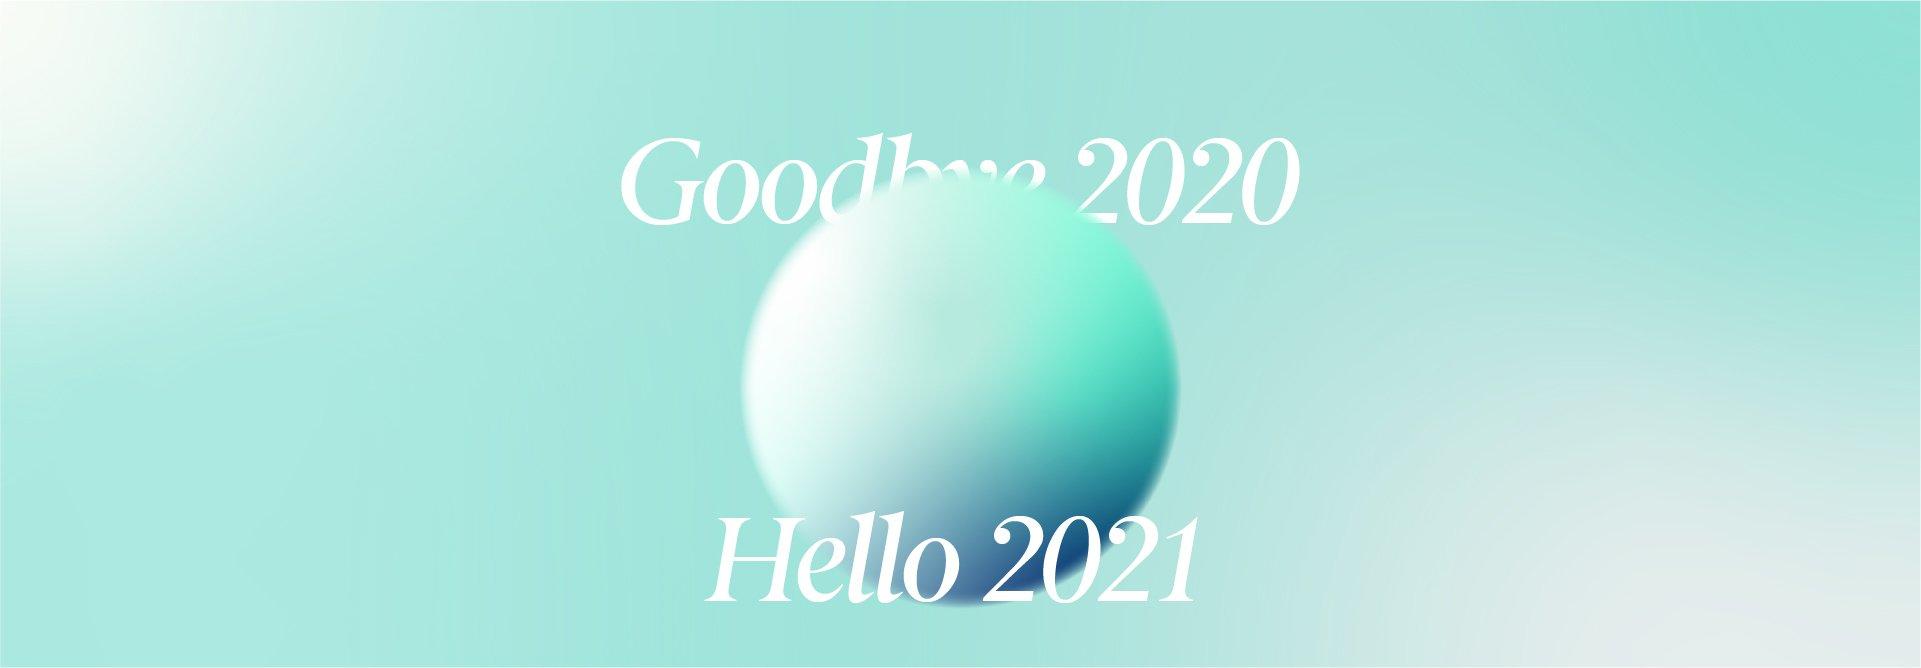 EventsSpacePromo2020_hello2021_Web_Banner